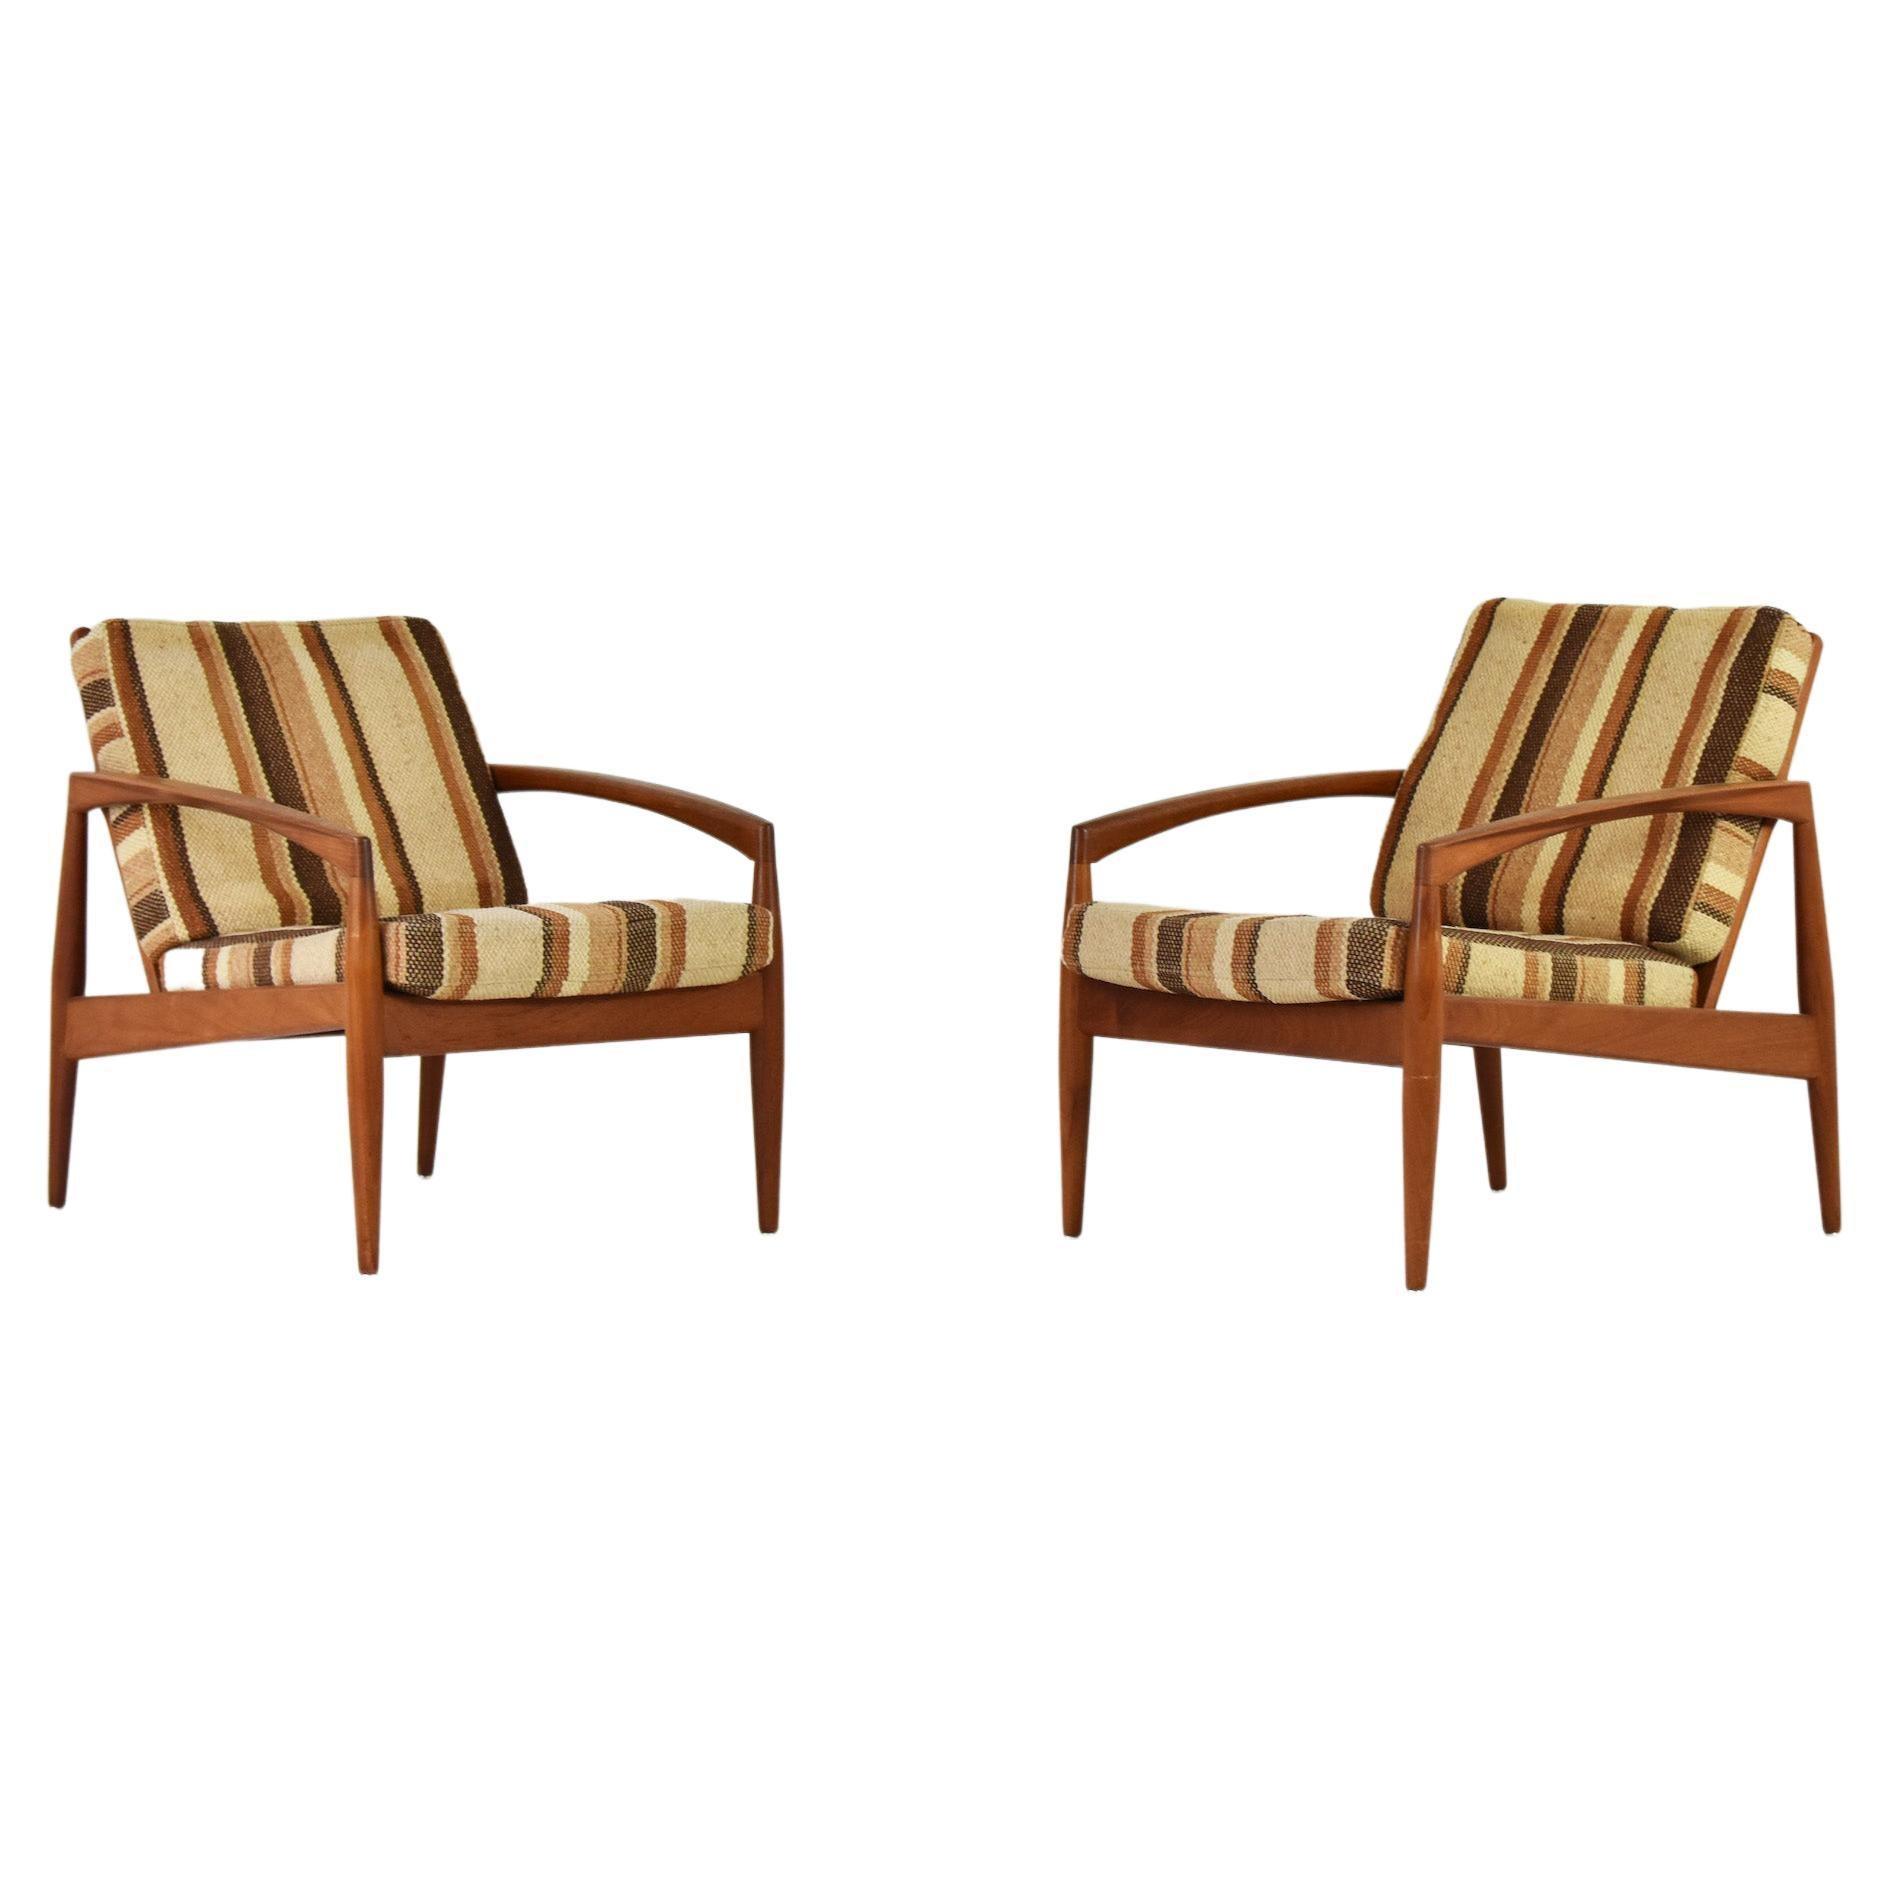 'Paper Knife' Lounge Chairs by Kai Kristiansen for Magnus Olesen, Denmark 1955